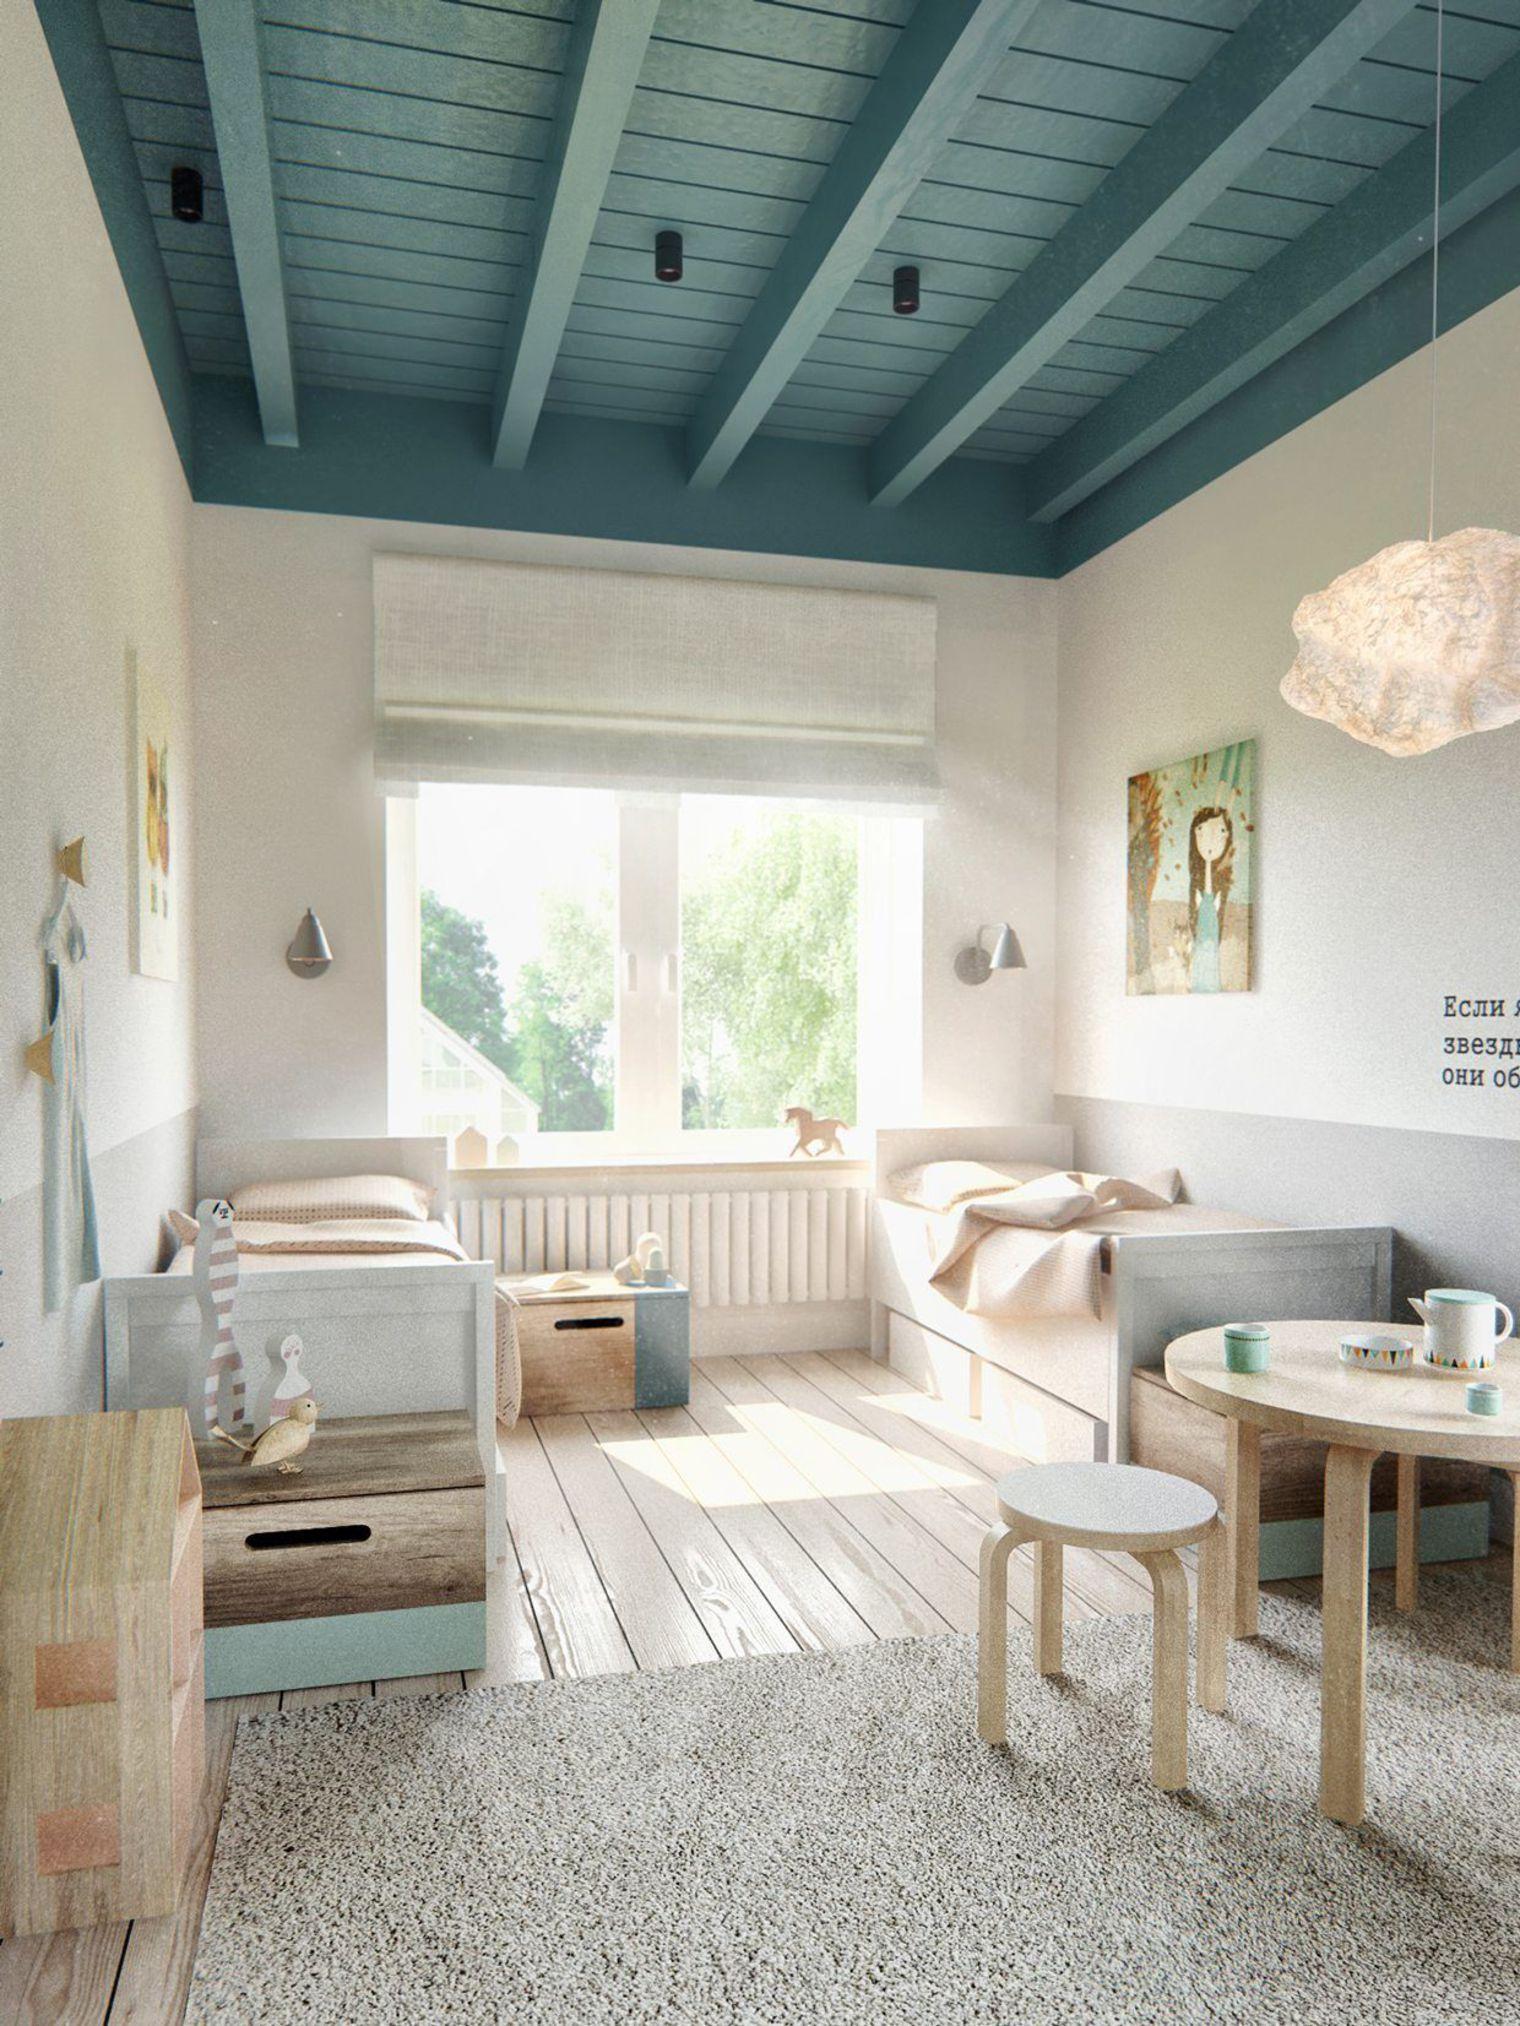 Epingle Par Aboutdecorationblog Sur Kids Teenager Room Deco Chambre Enfant Chambre Enfant Deco Chambre